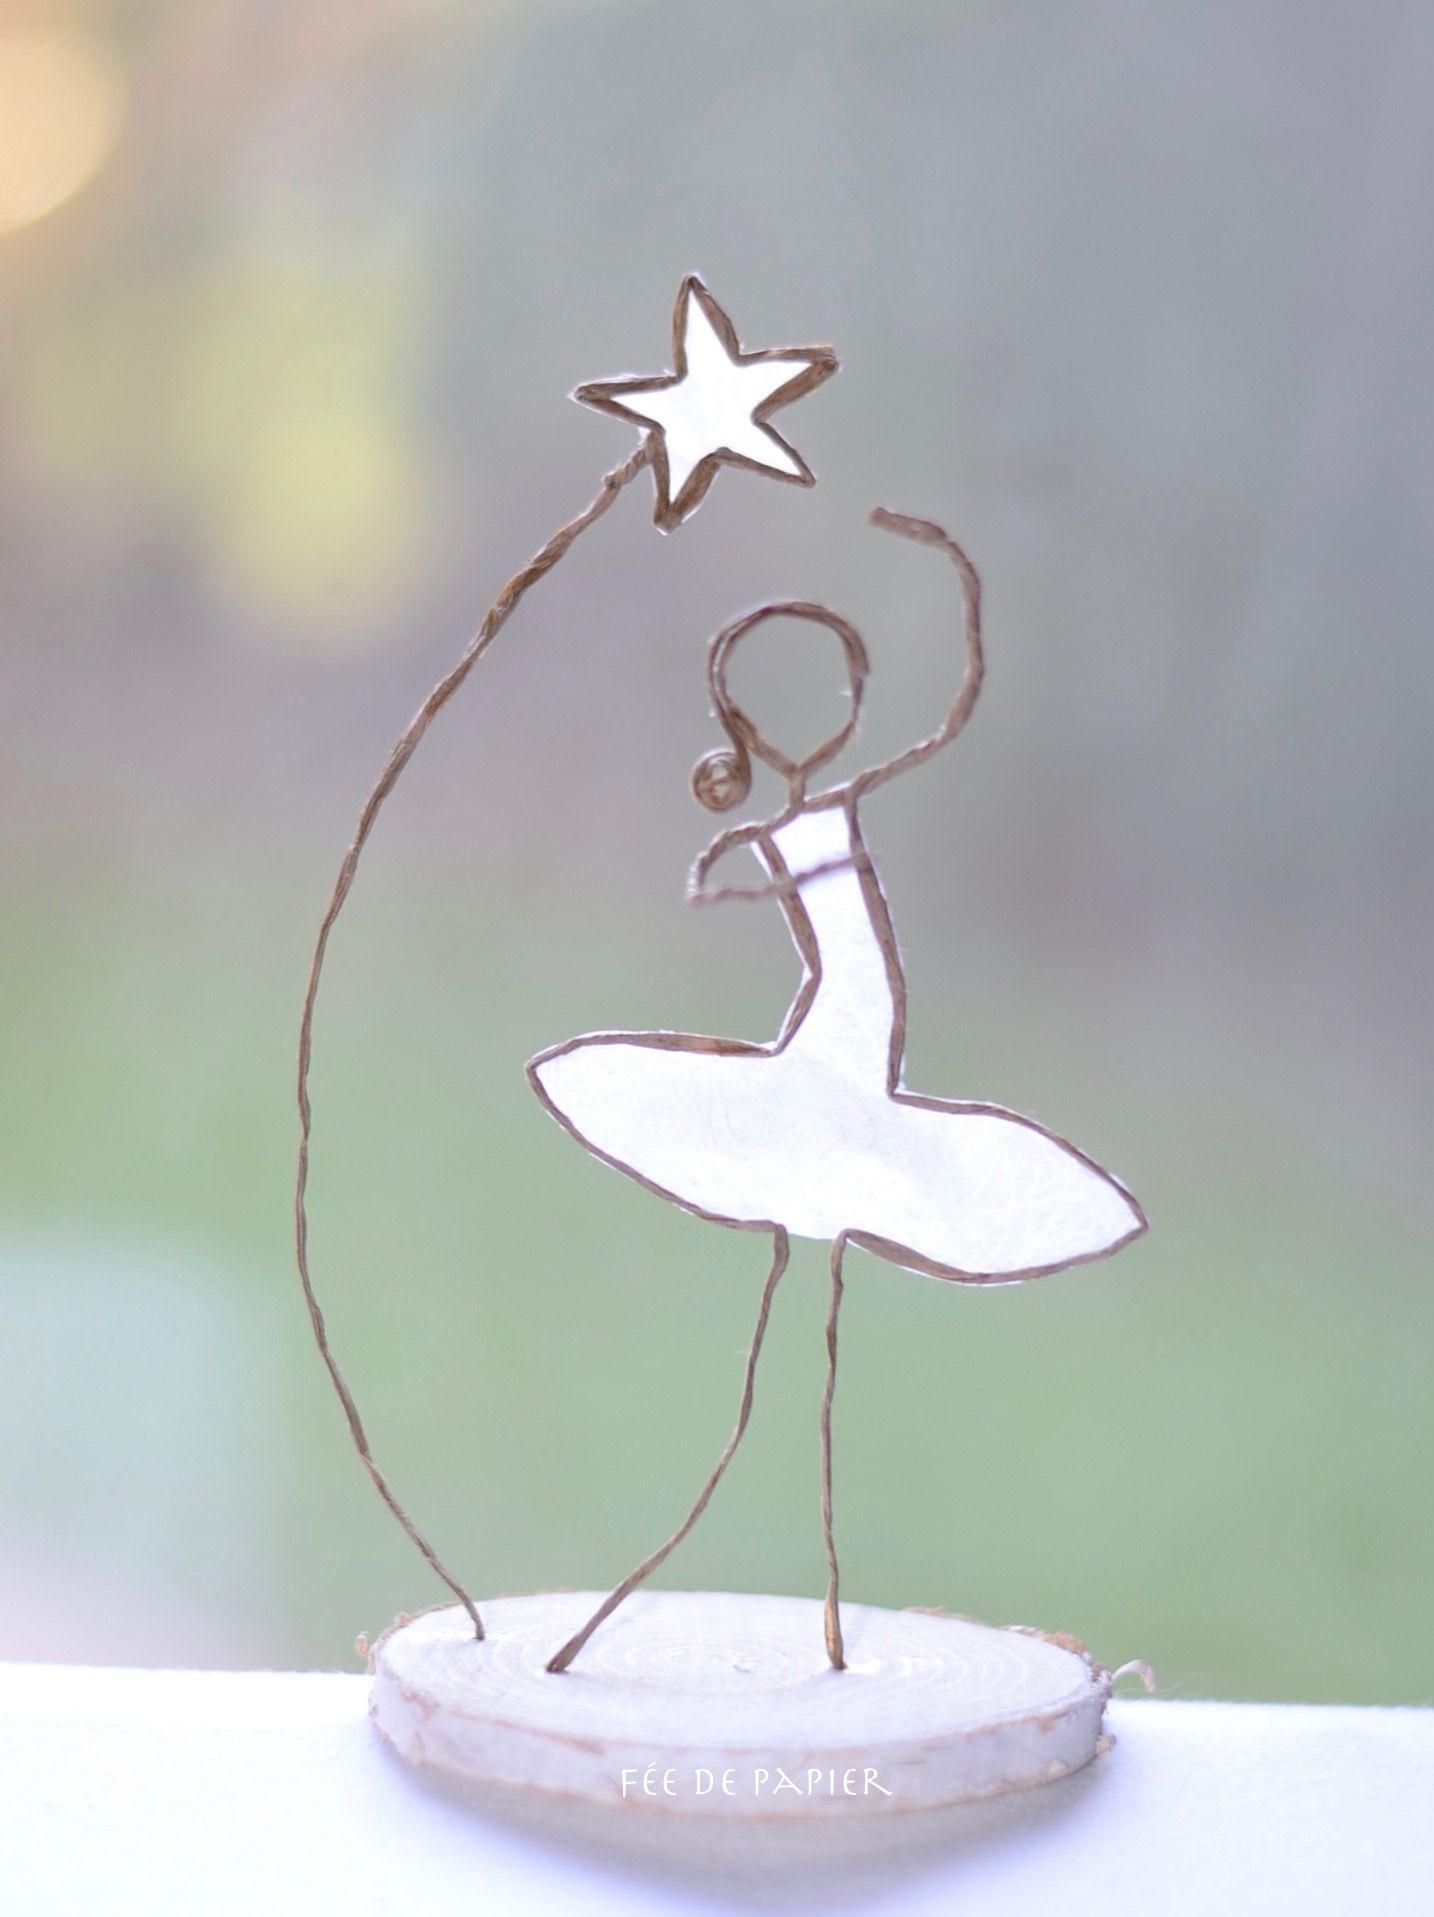 Fée de papier - La danseuse étoile | 40ans | Pinterest | Draht ...